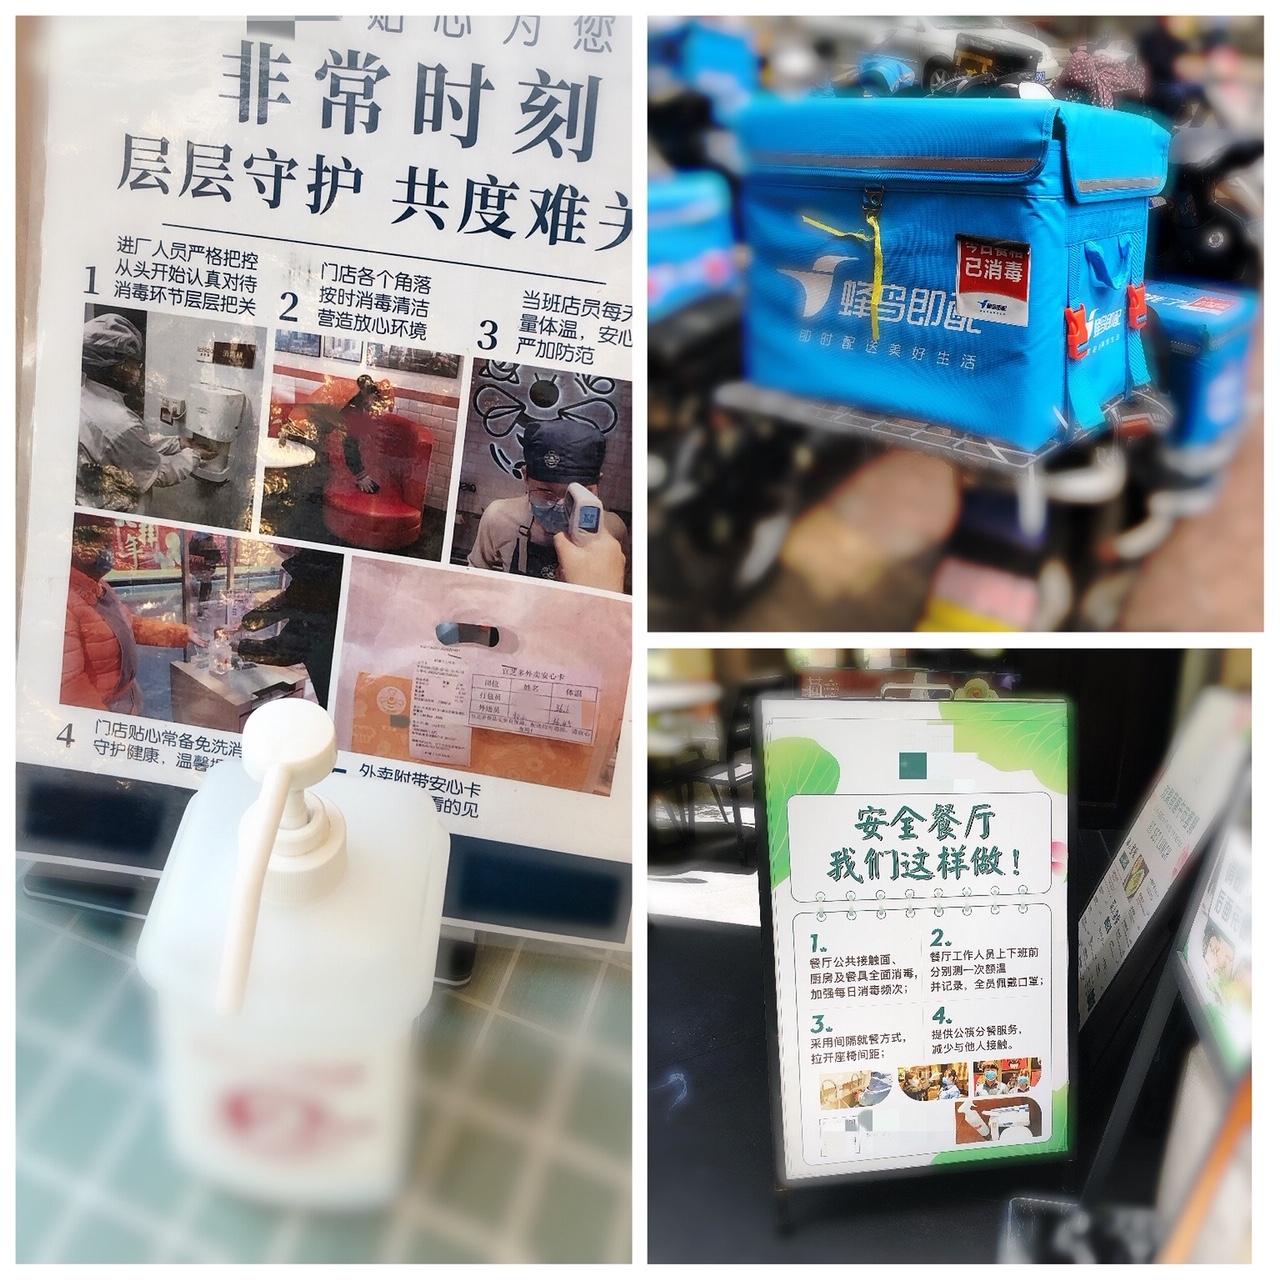 上海•安全宣言POPを設置する飲食店やデリバリーの「消毒済み」ボックス